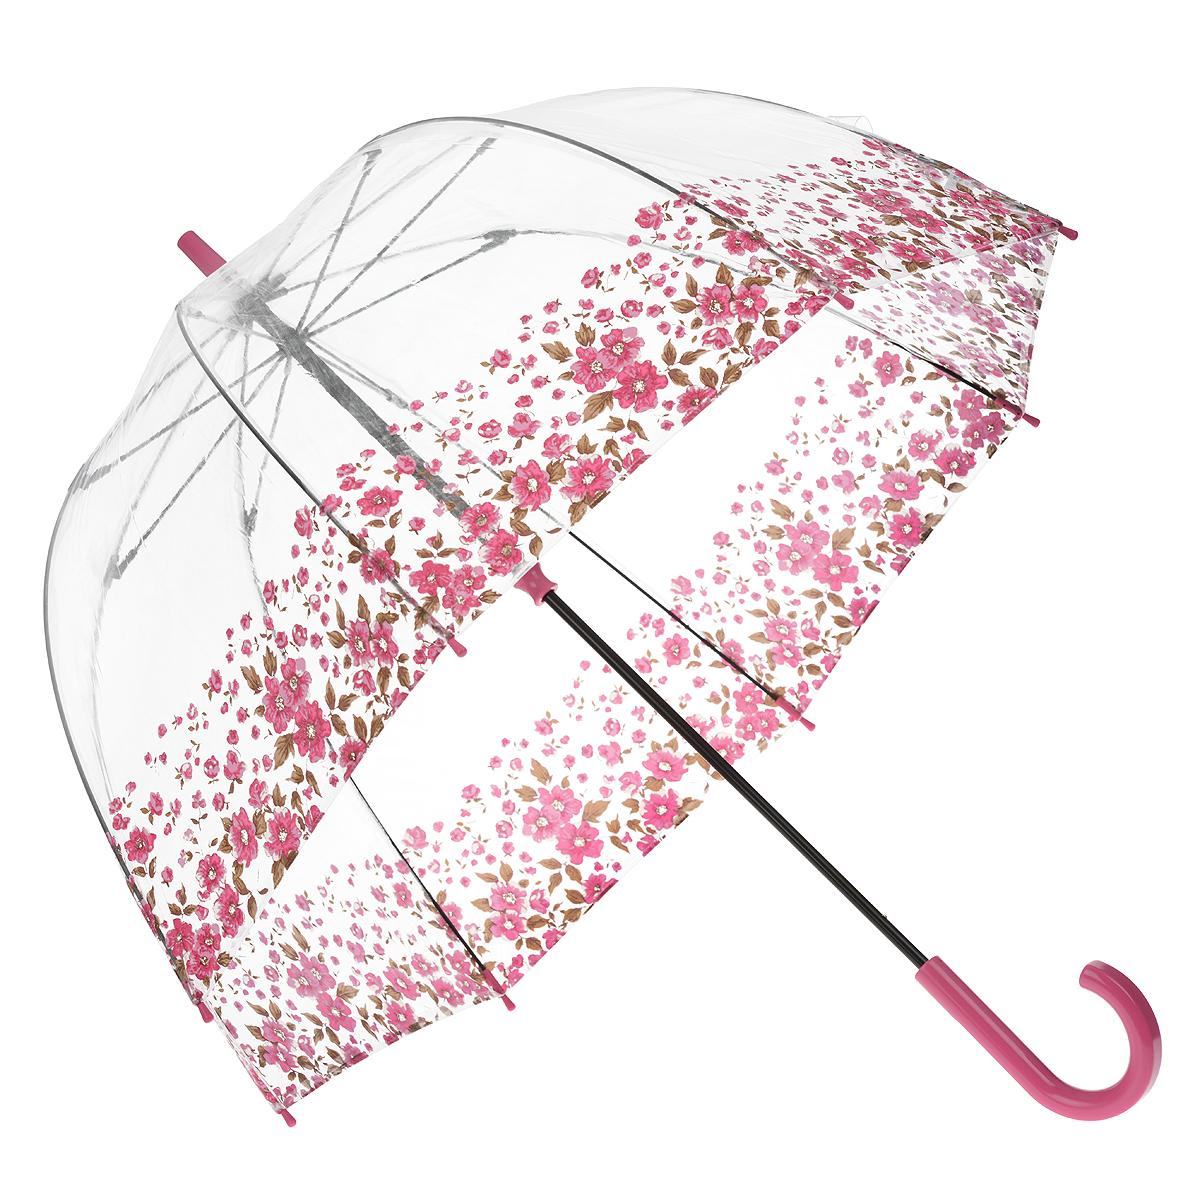 Зонт-трость женский Floral Border, механический, цвет: розовыйREM12-GREYСтильный куполообразный зонт-трость Floral Border, закрывающий голову и плечи, даже в ненастную погоду позволит вам оставаться элегантной. Каркас зонта выполнен из 8 спиц из фибергласса, стержень изготовлен из стали. Купол зонта выполнен из прозрачного ПВХ и оформлен цветочным узором. Рукоятка закругленной формы разработана с учетом требований эргономики и изготовлена из пластика. Зонт имеет механический тип сложения: купол открывается и закрывается вручную до характерного щелчка.Такой зонт не только надежно защитит вас от дождя, но и станет стильным аксессуаром. Характеристики:Материал: ПВХ, сталь, фибергласс, пластик. Диаметр купола: 89 см.Цвет: розовый. Длина стержня зонта: 84 см. Длина зонта (в сложенном виде): 94 см.Вес: 540 г. Артикул:L042 3F2643.